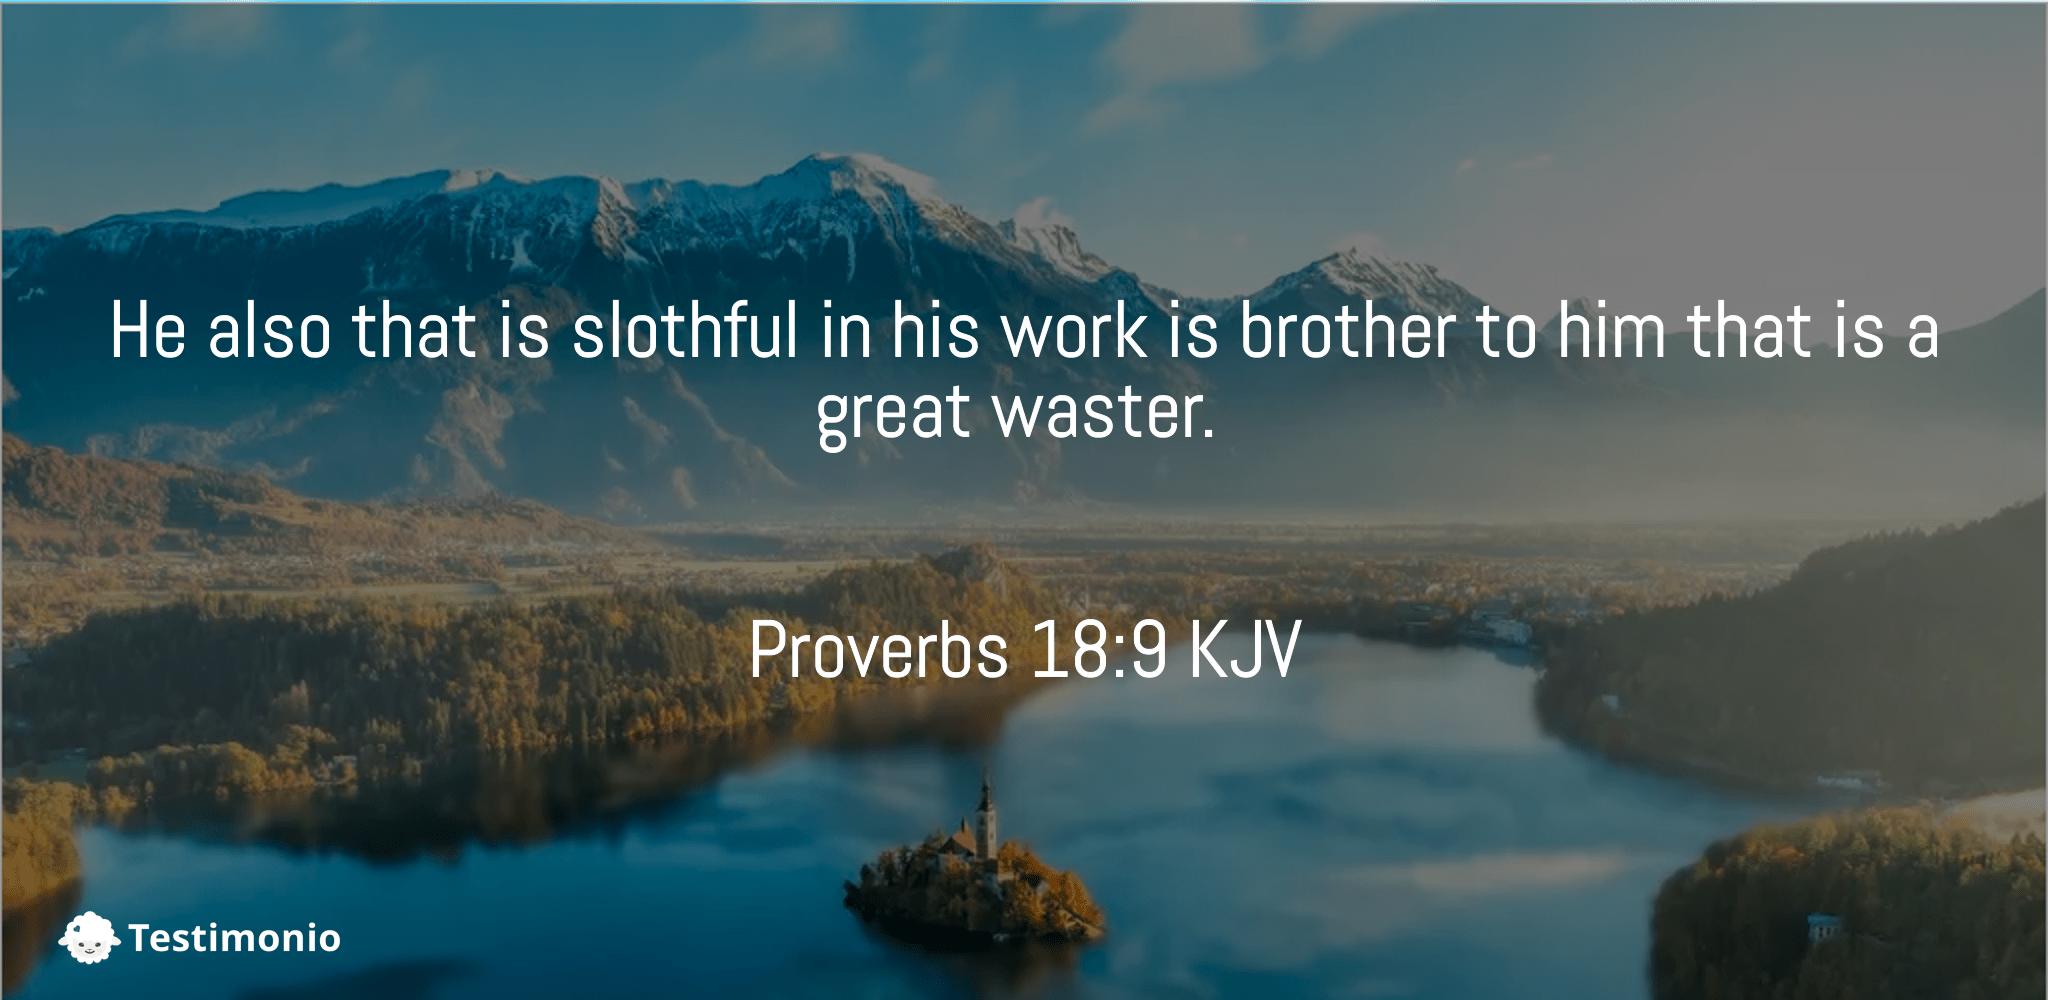 Proverbs 18:9